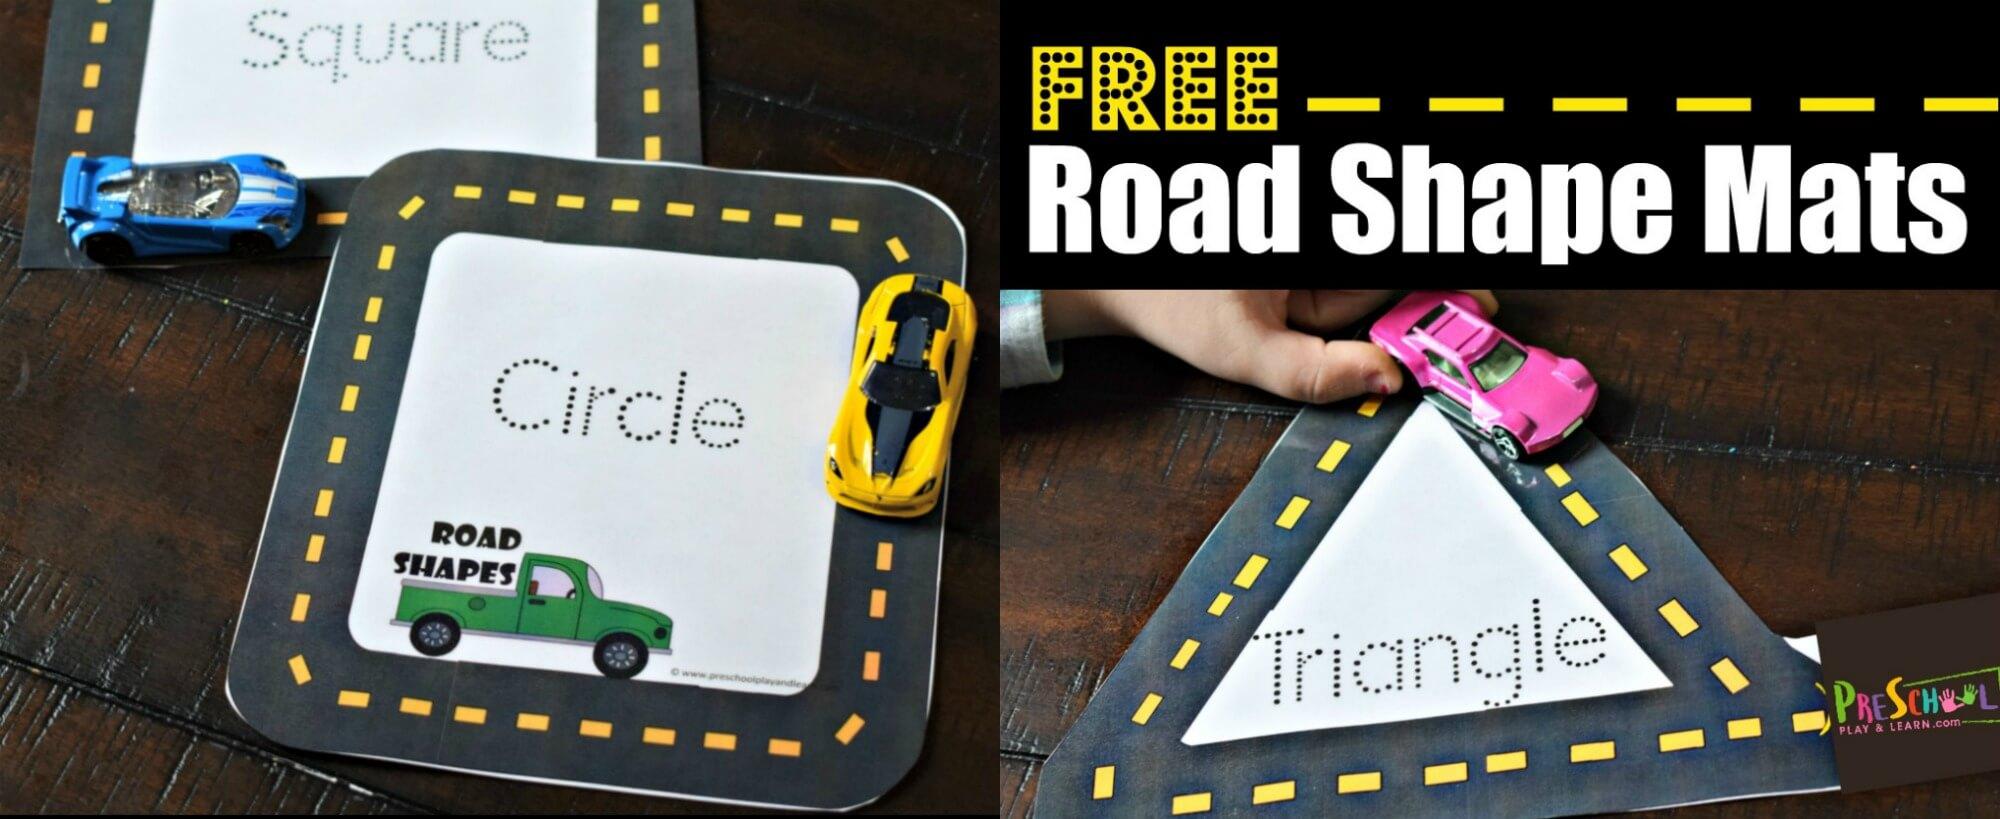 Free Road Shape Mats